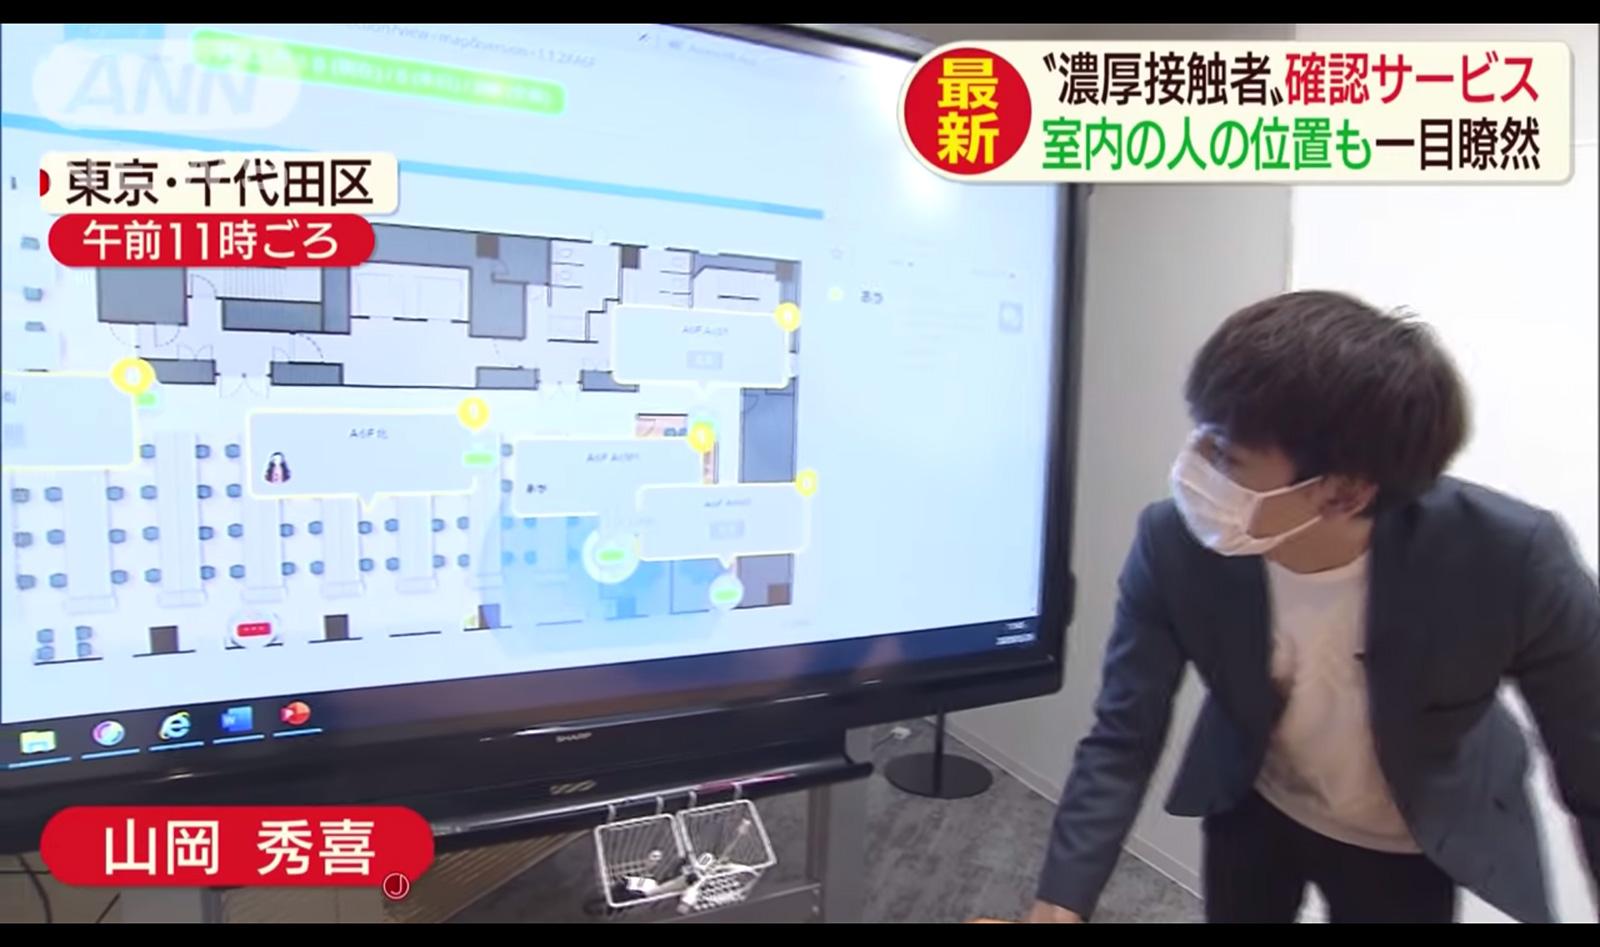 """linkit area tv - テレビ朝日 スーパーJチャンネルにて「Linkit® エリア探索」""""濃厚接触者""""確認サービスが紹介されました。"""